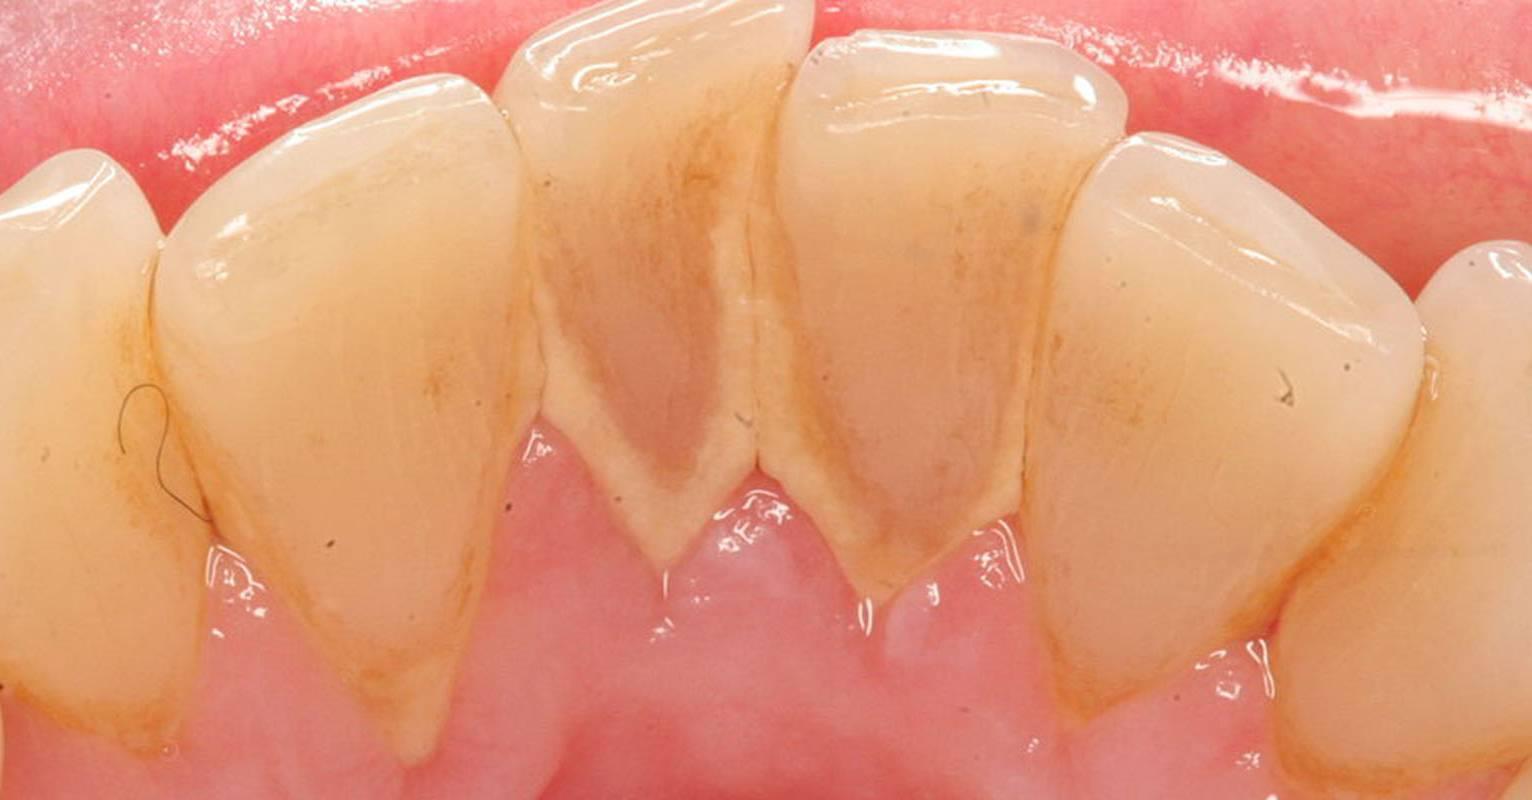 Желтый налёт на зубах у ребёнка - причины и лечение